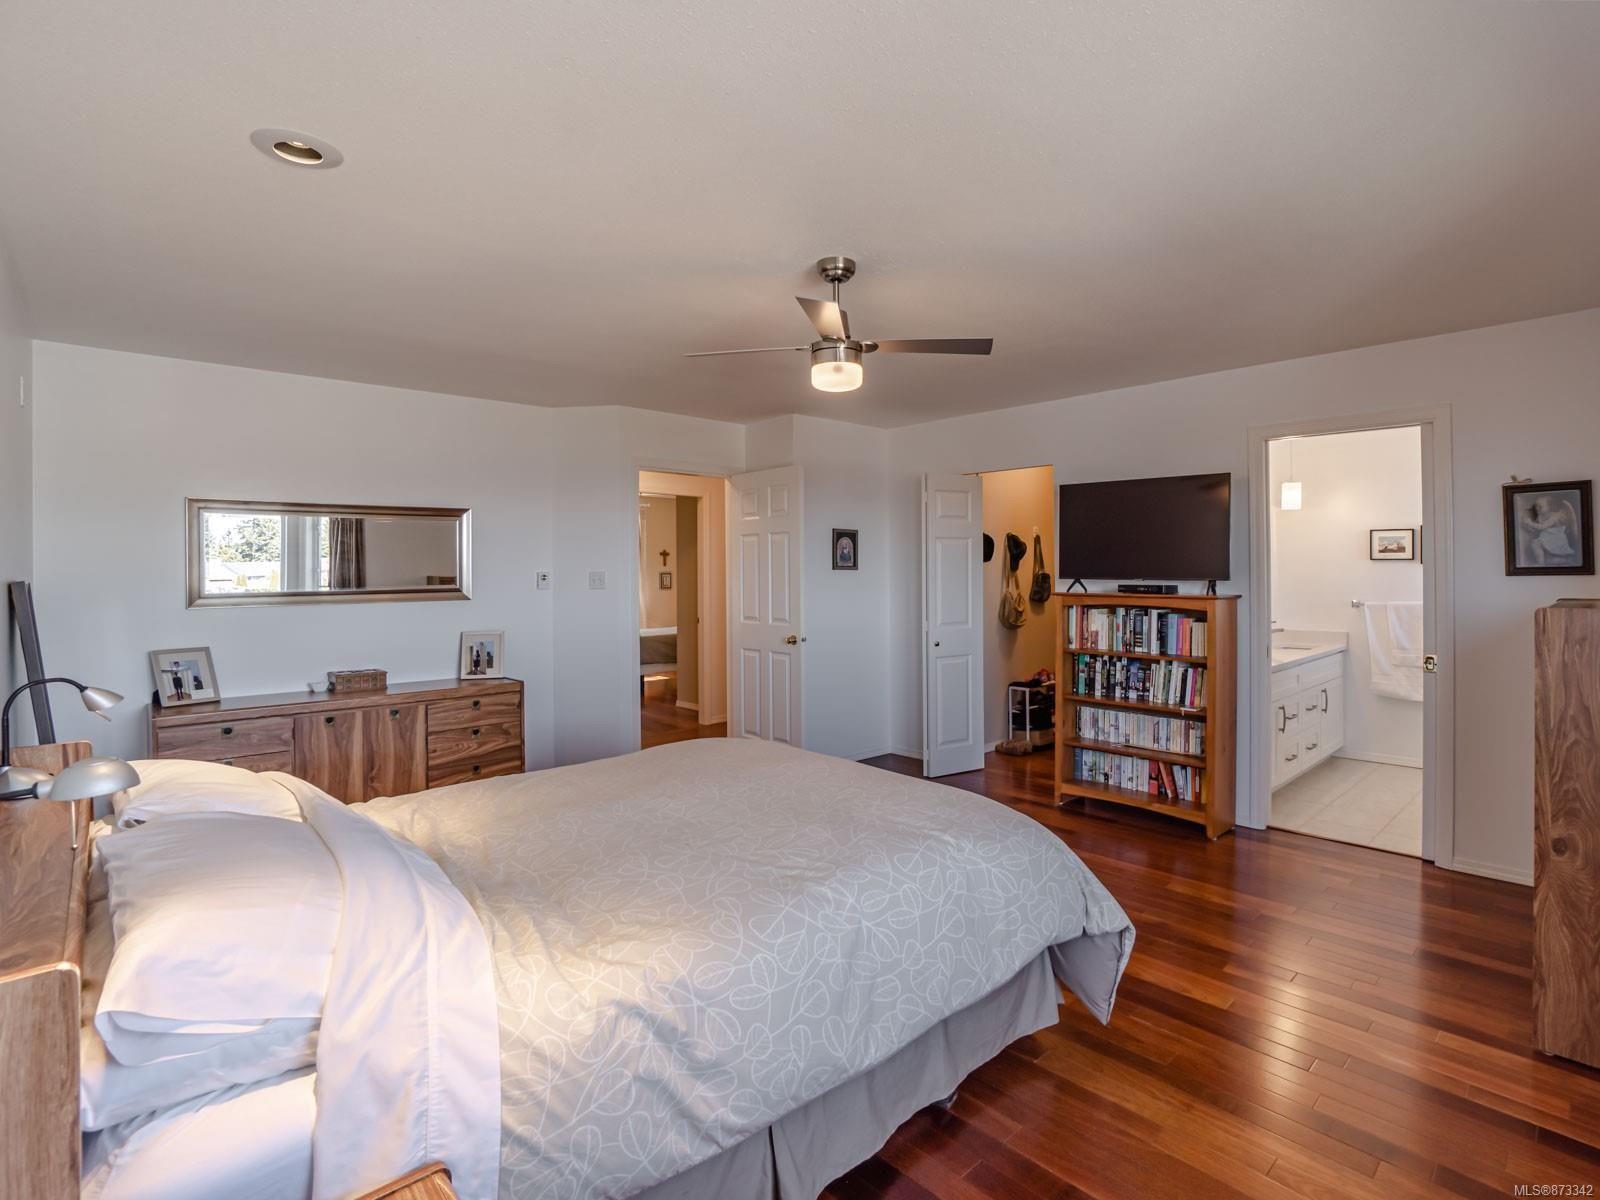 Photo 32: Photos: 5294 Catalina Dr in : Na North Nanaimo House for sale (Nanaimo)  : MLS®# 873342